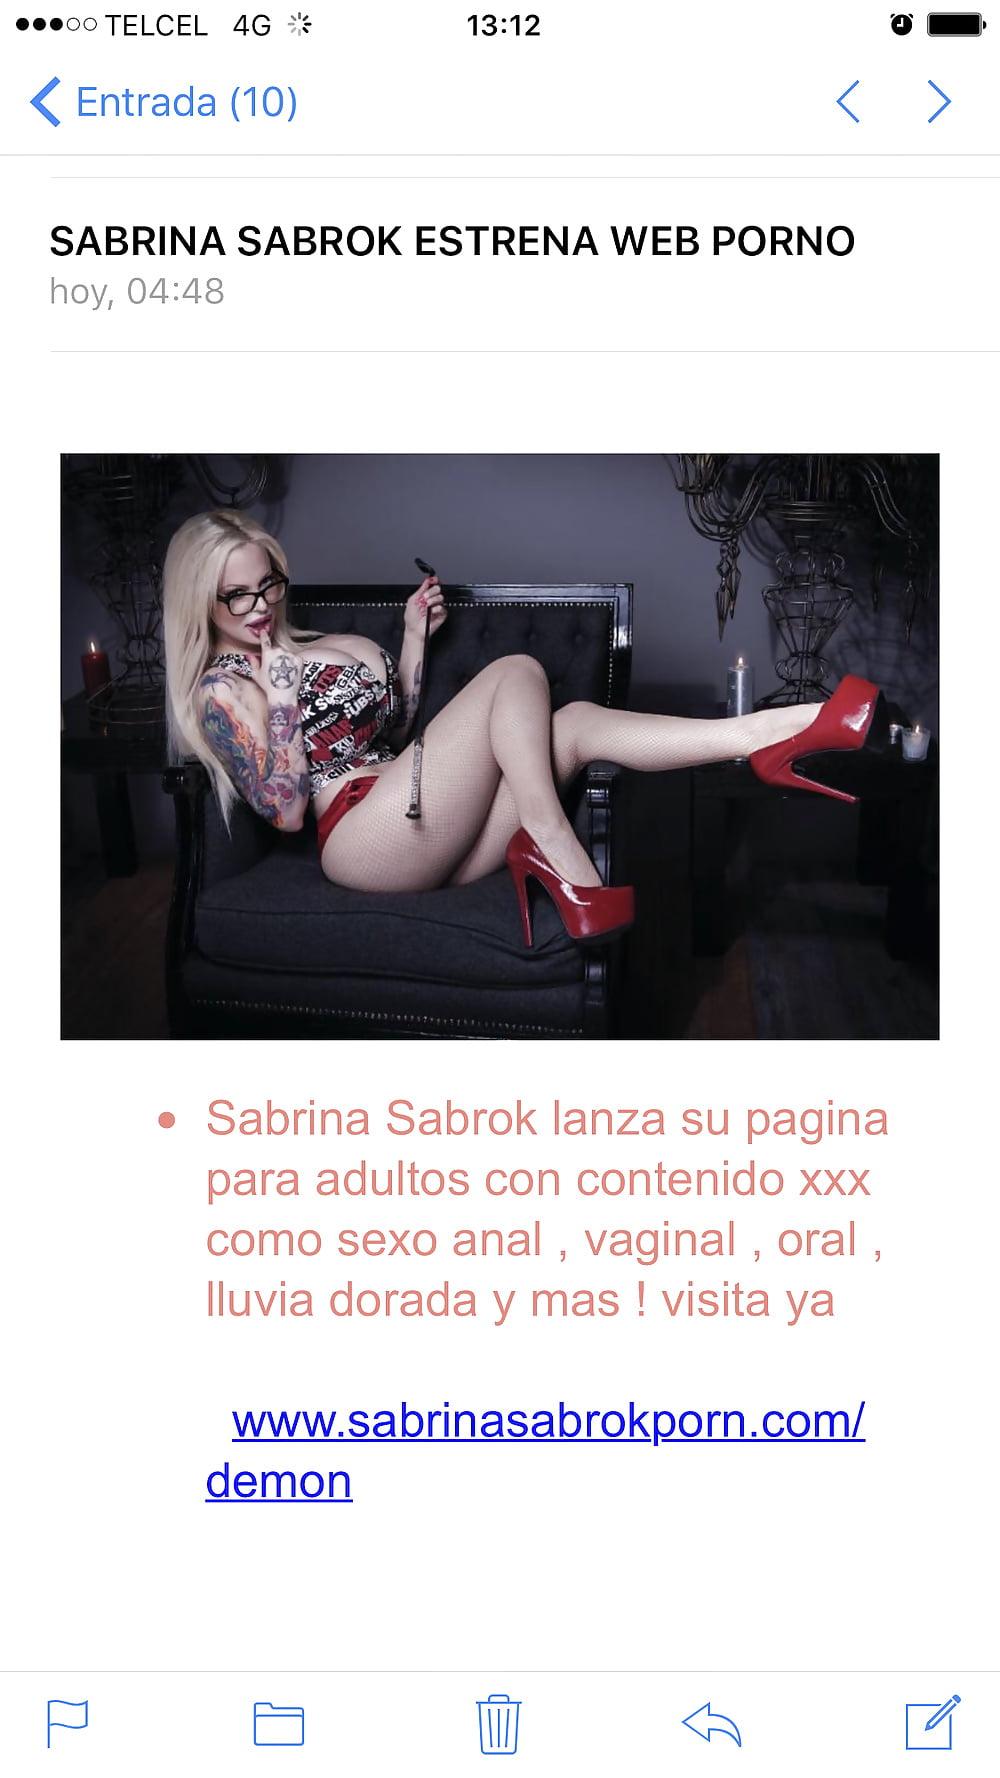 meilleur ébène lesbienne porno sites